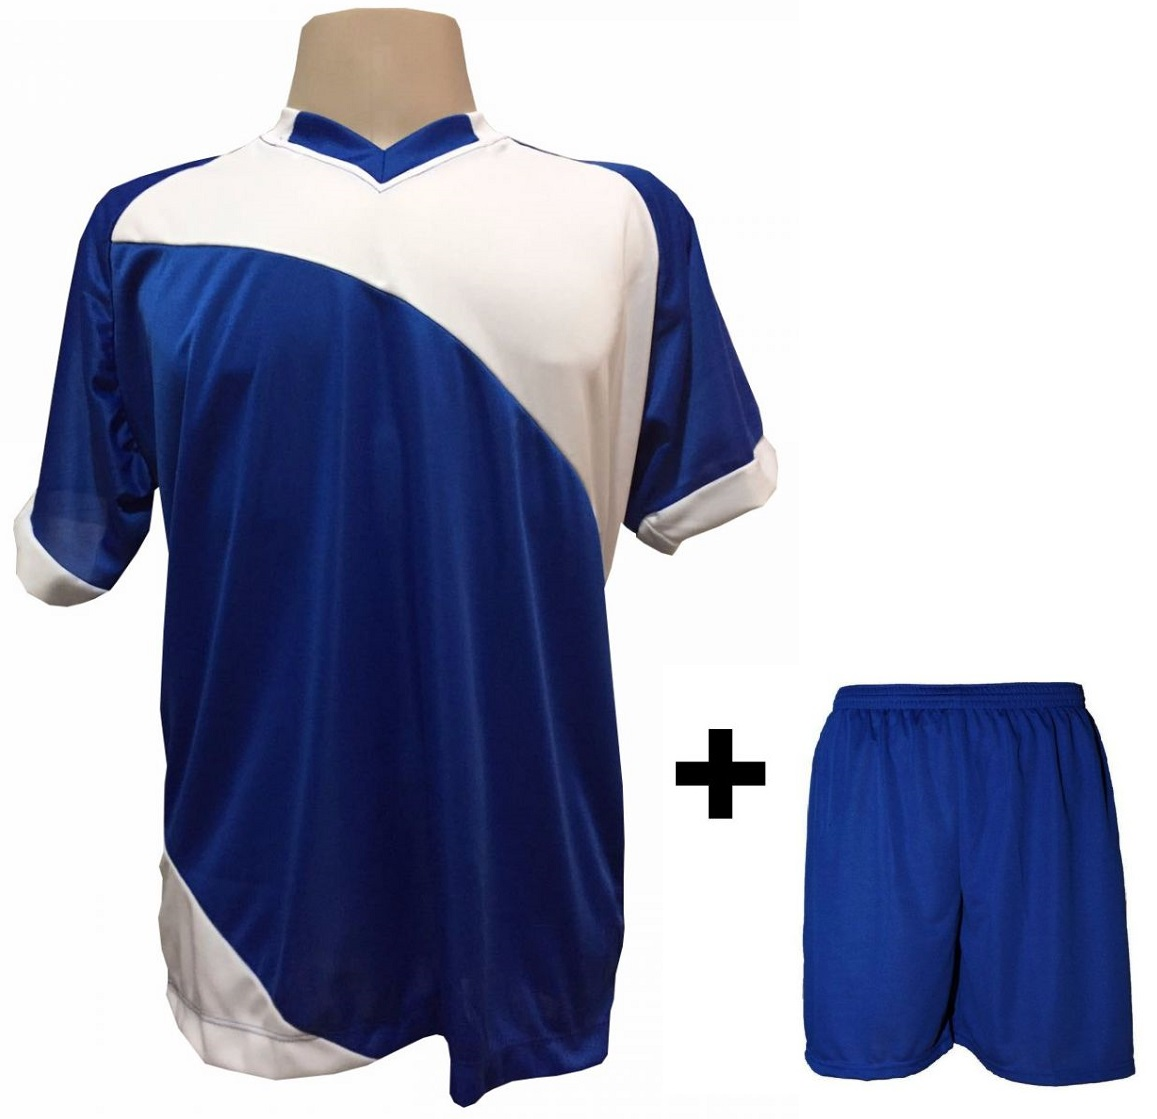 Uniforme Esportivo com 20 camisas modelo Bélgica Royal/Branco + 20 calções modelo Madrid + 1 Goleiro + Brindes